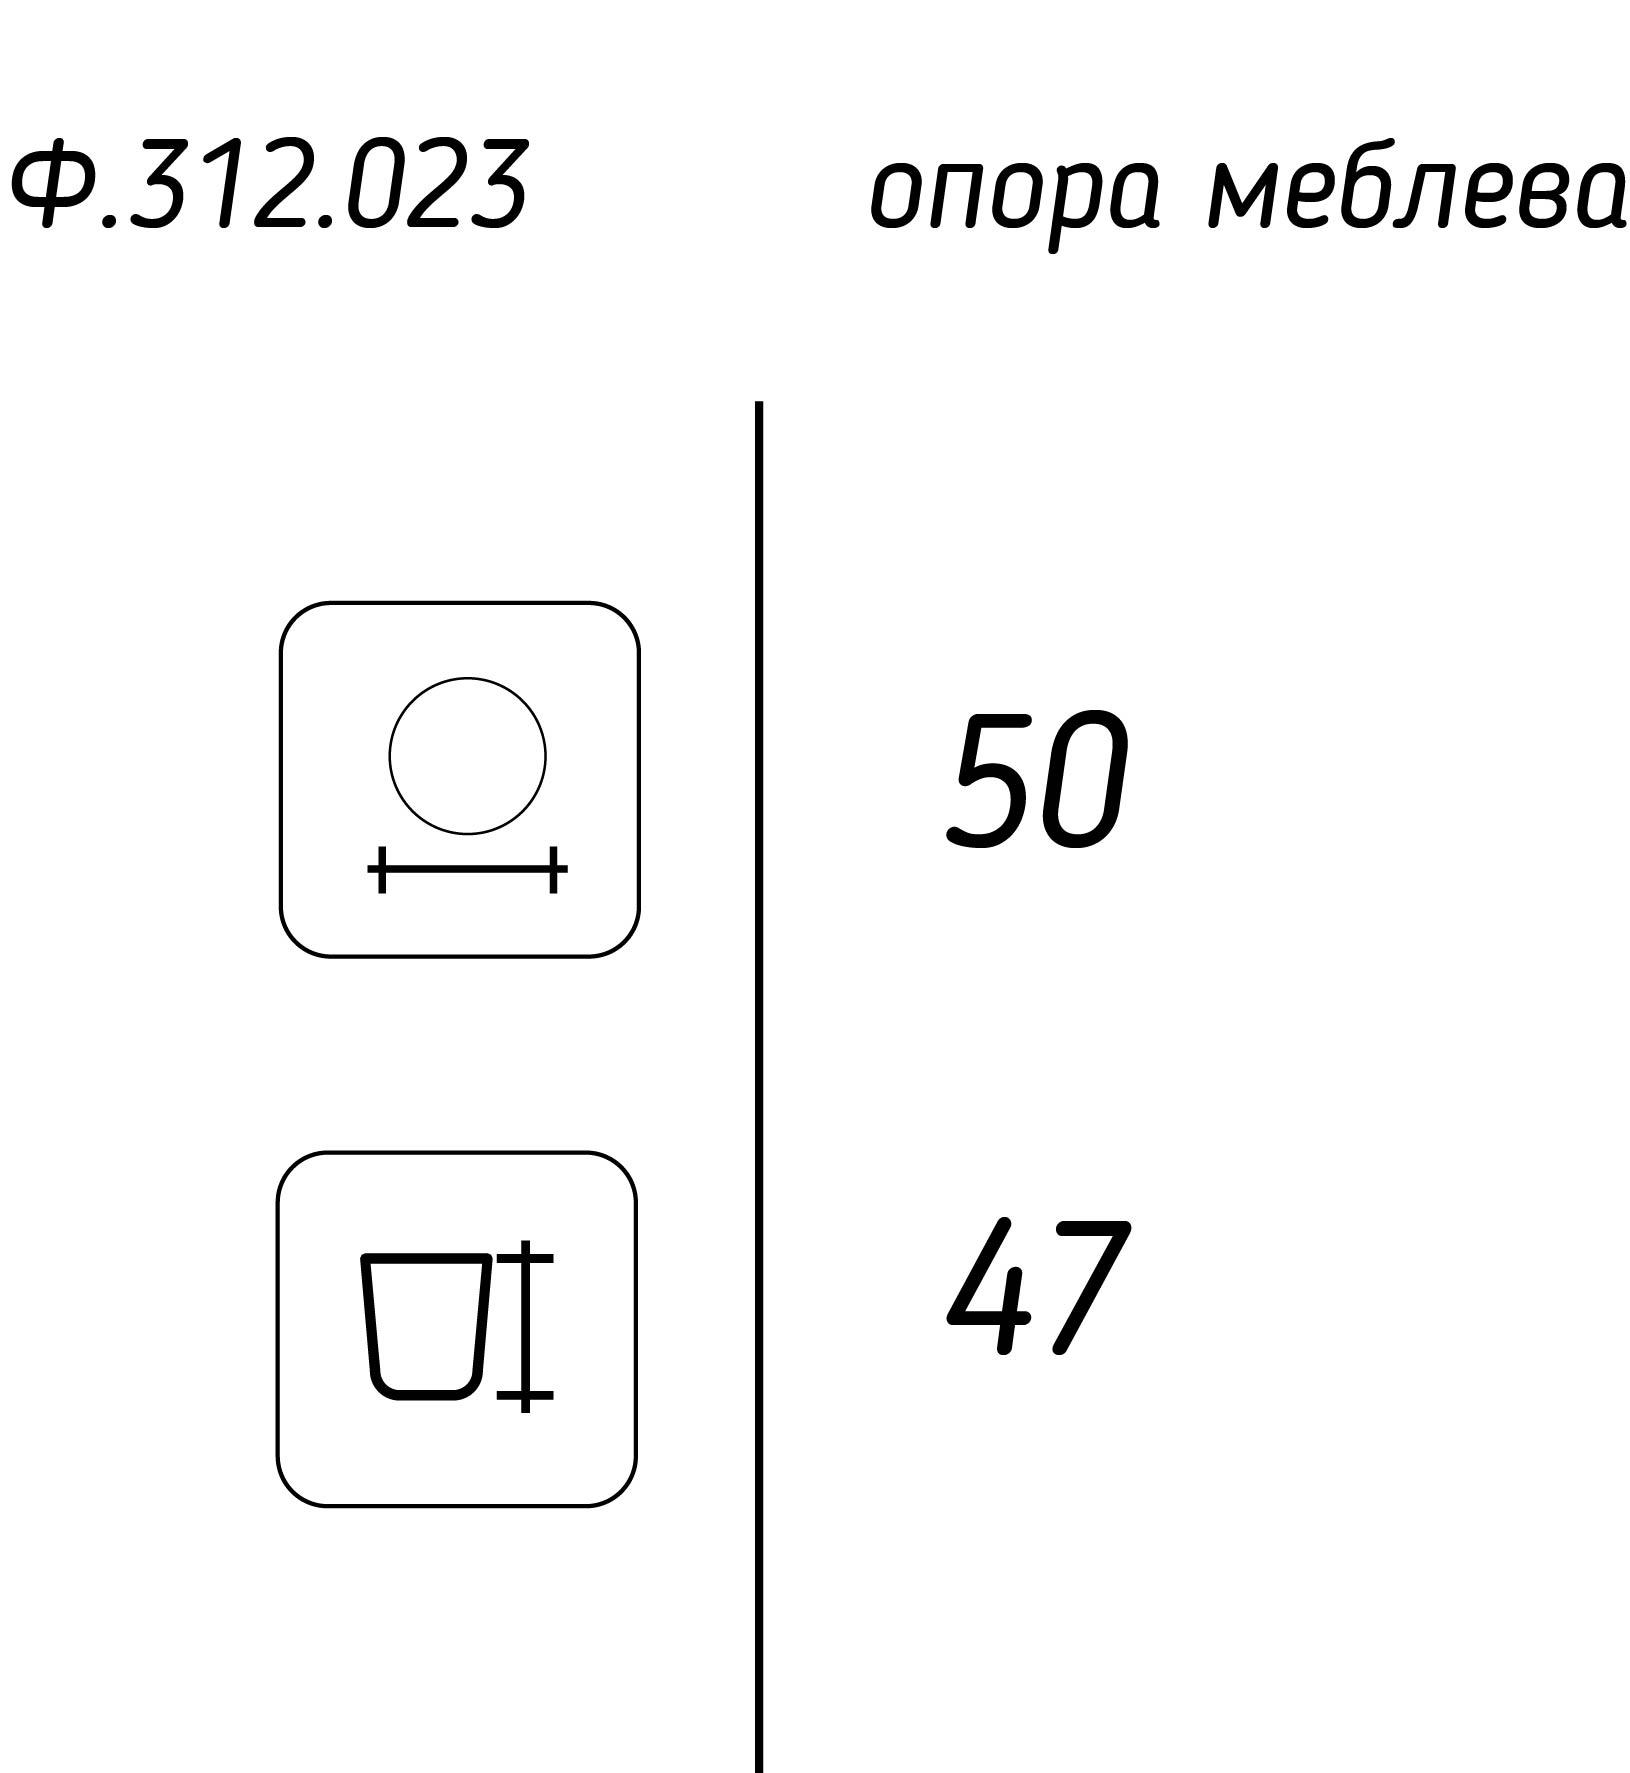 Мебельная пластиковая опора Ф.312.023